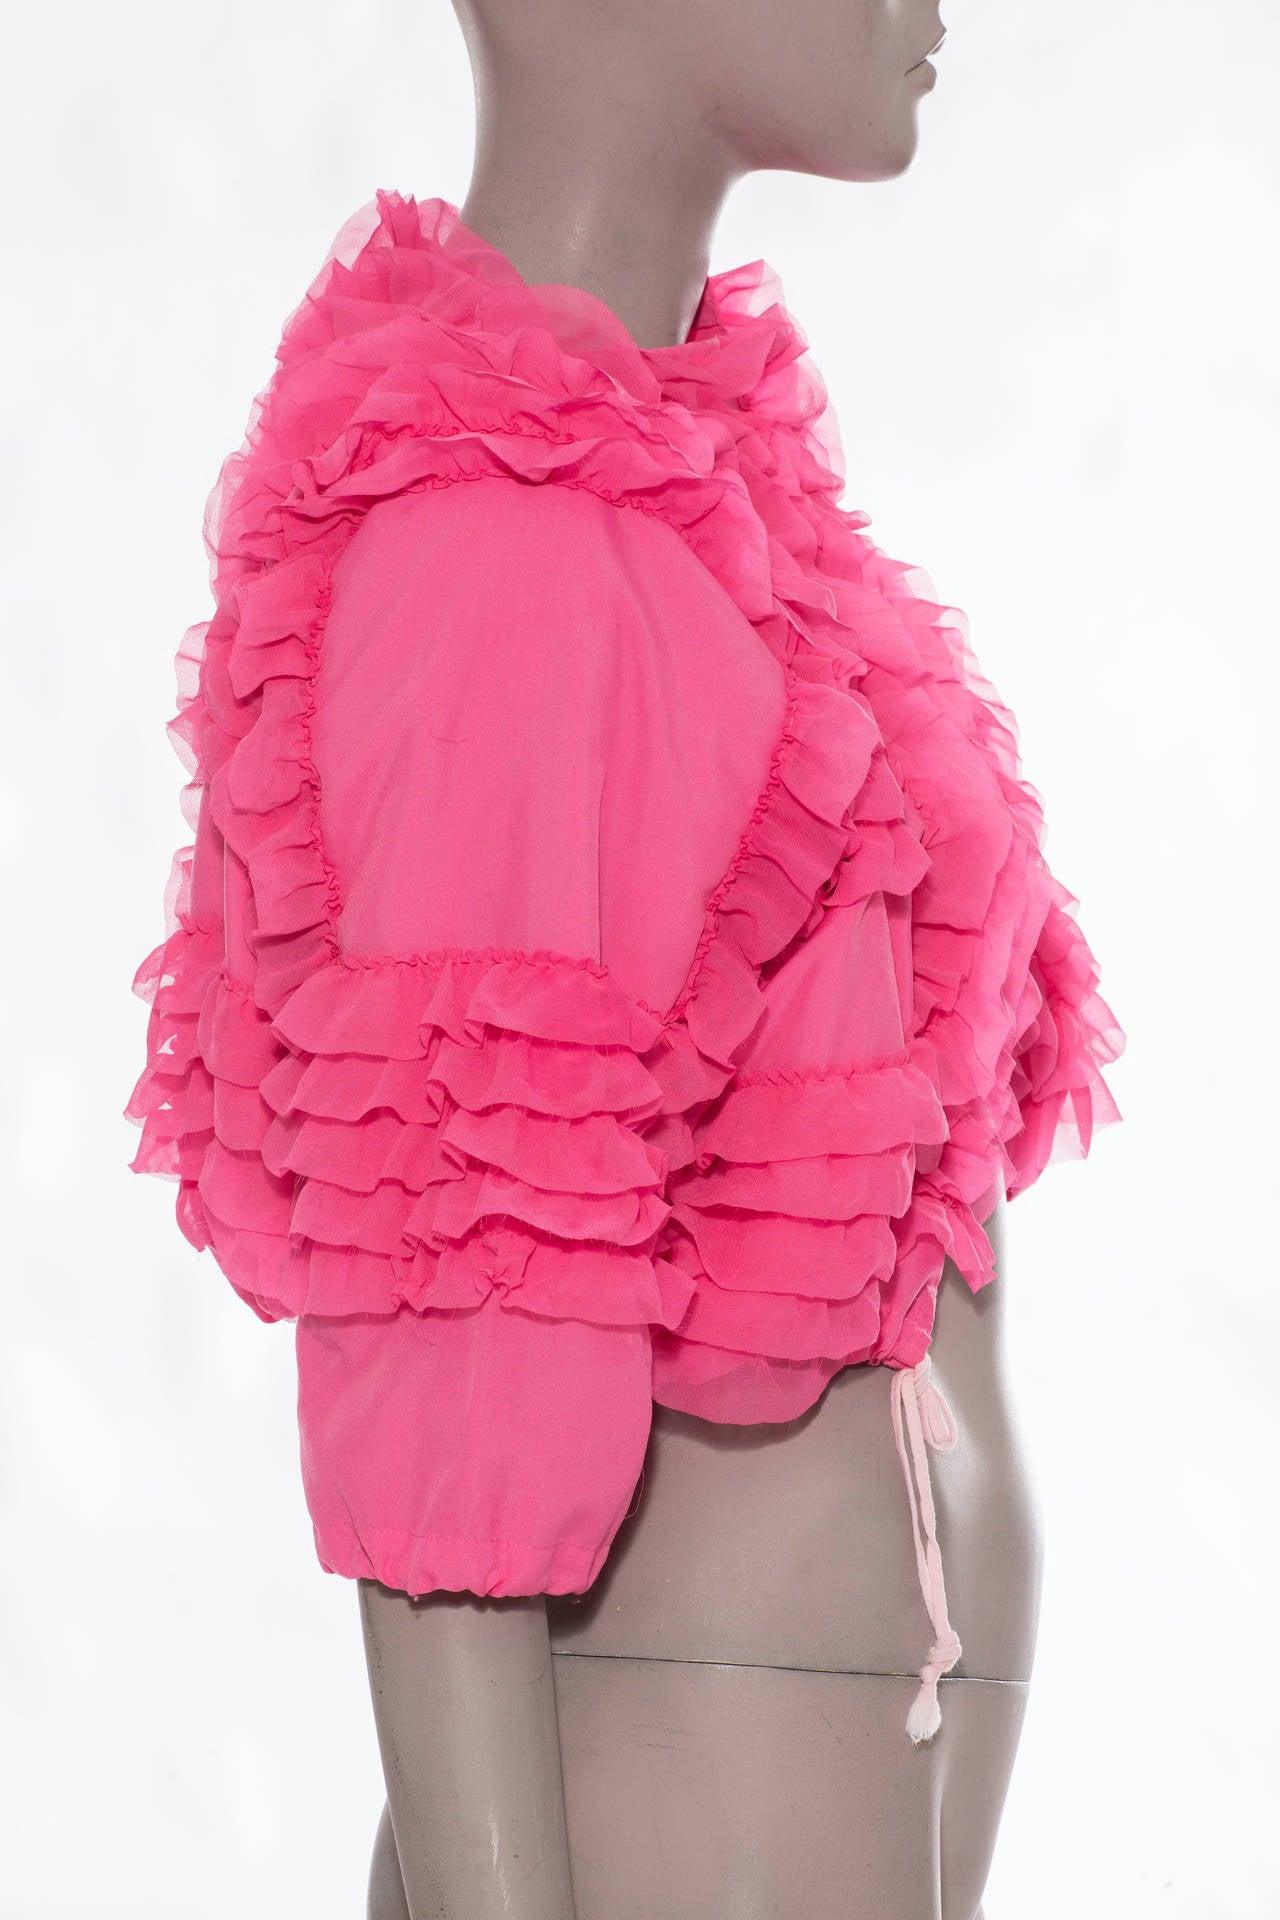 Comme des Garcons Pink Bolero, Circa 2007 3